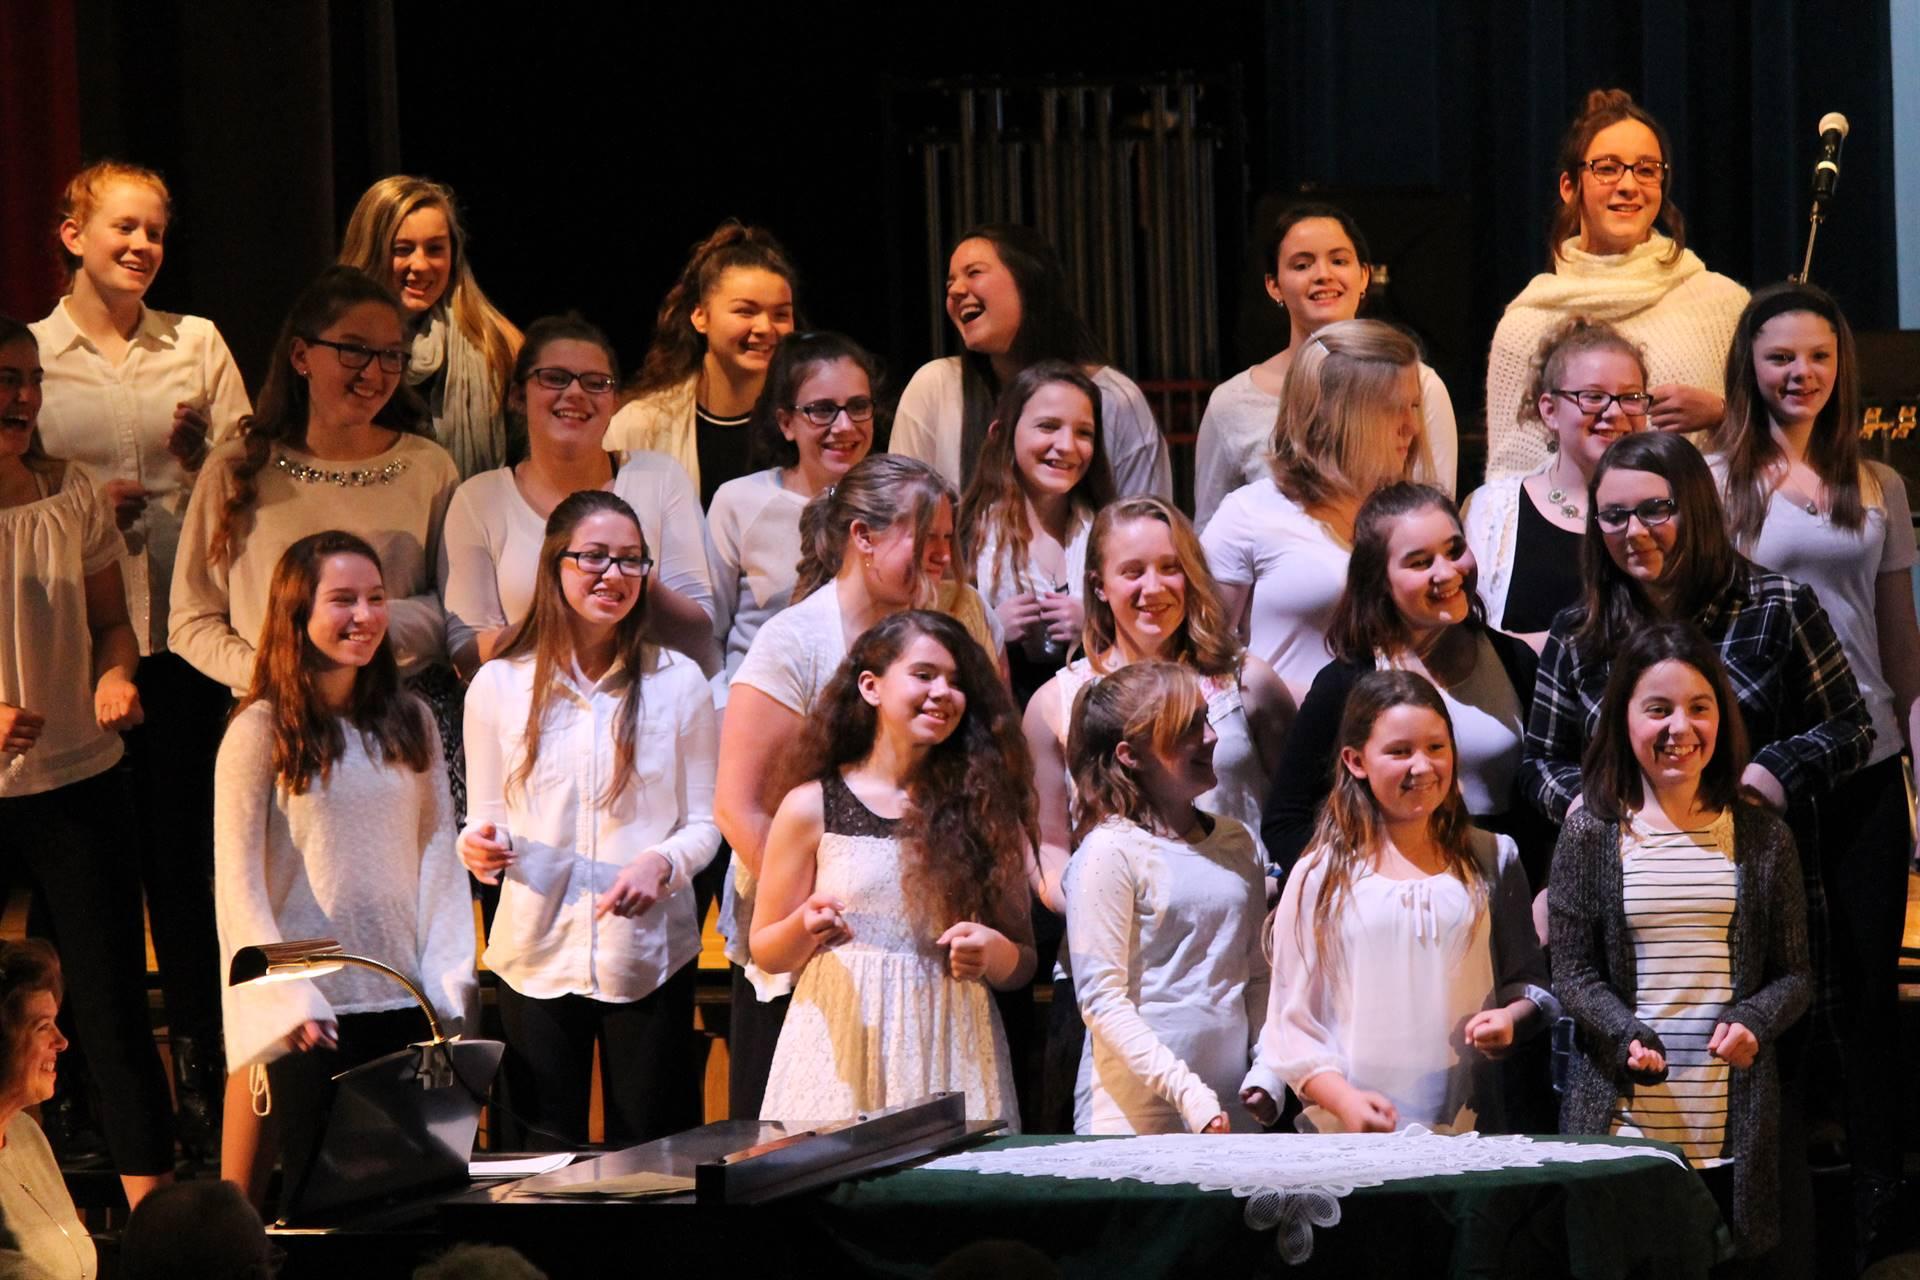 Girls Chorus laughing during concert